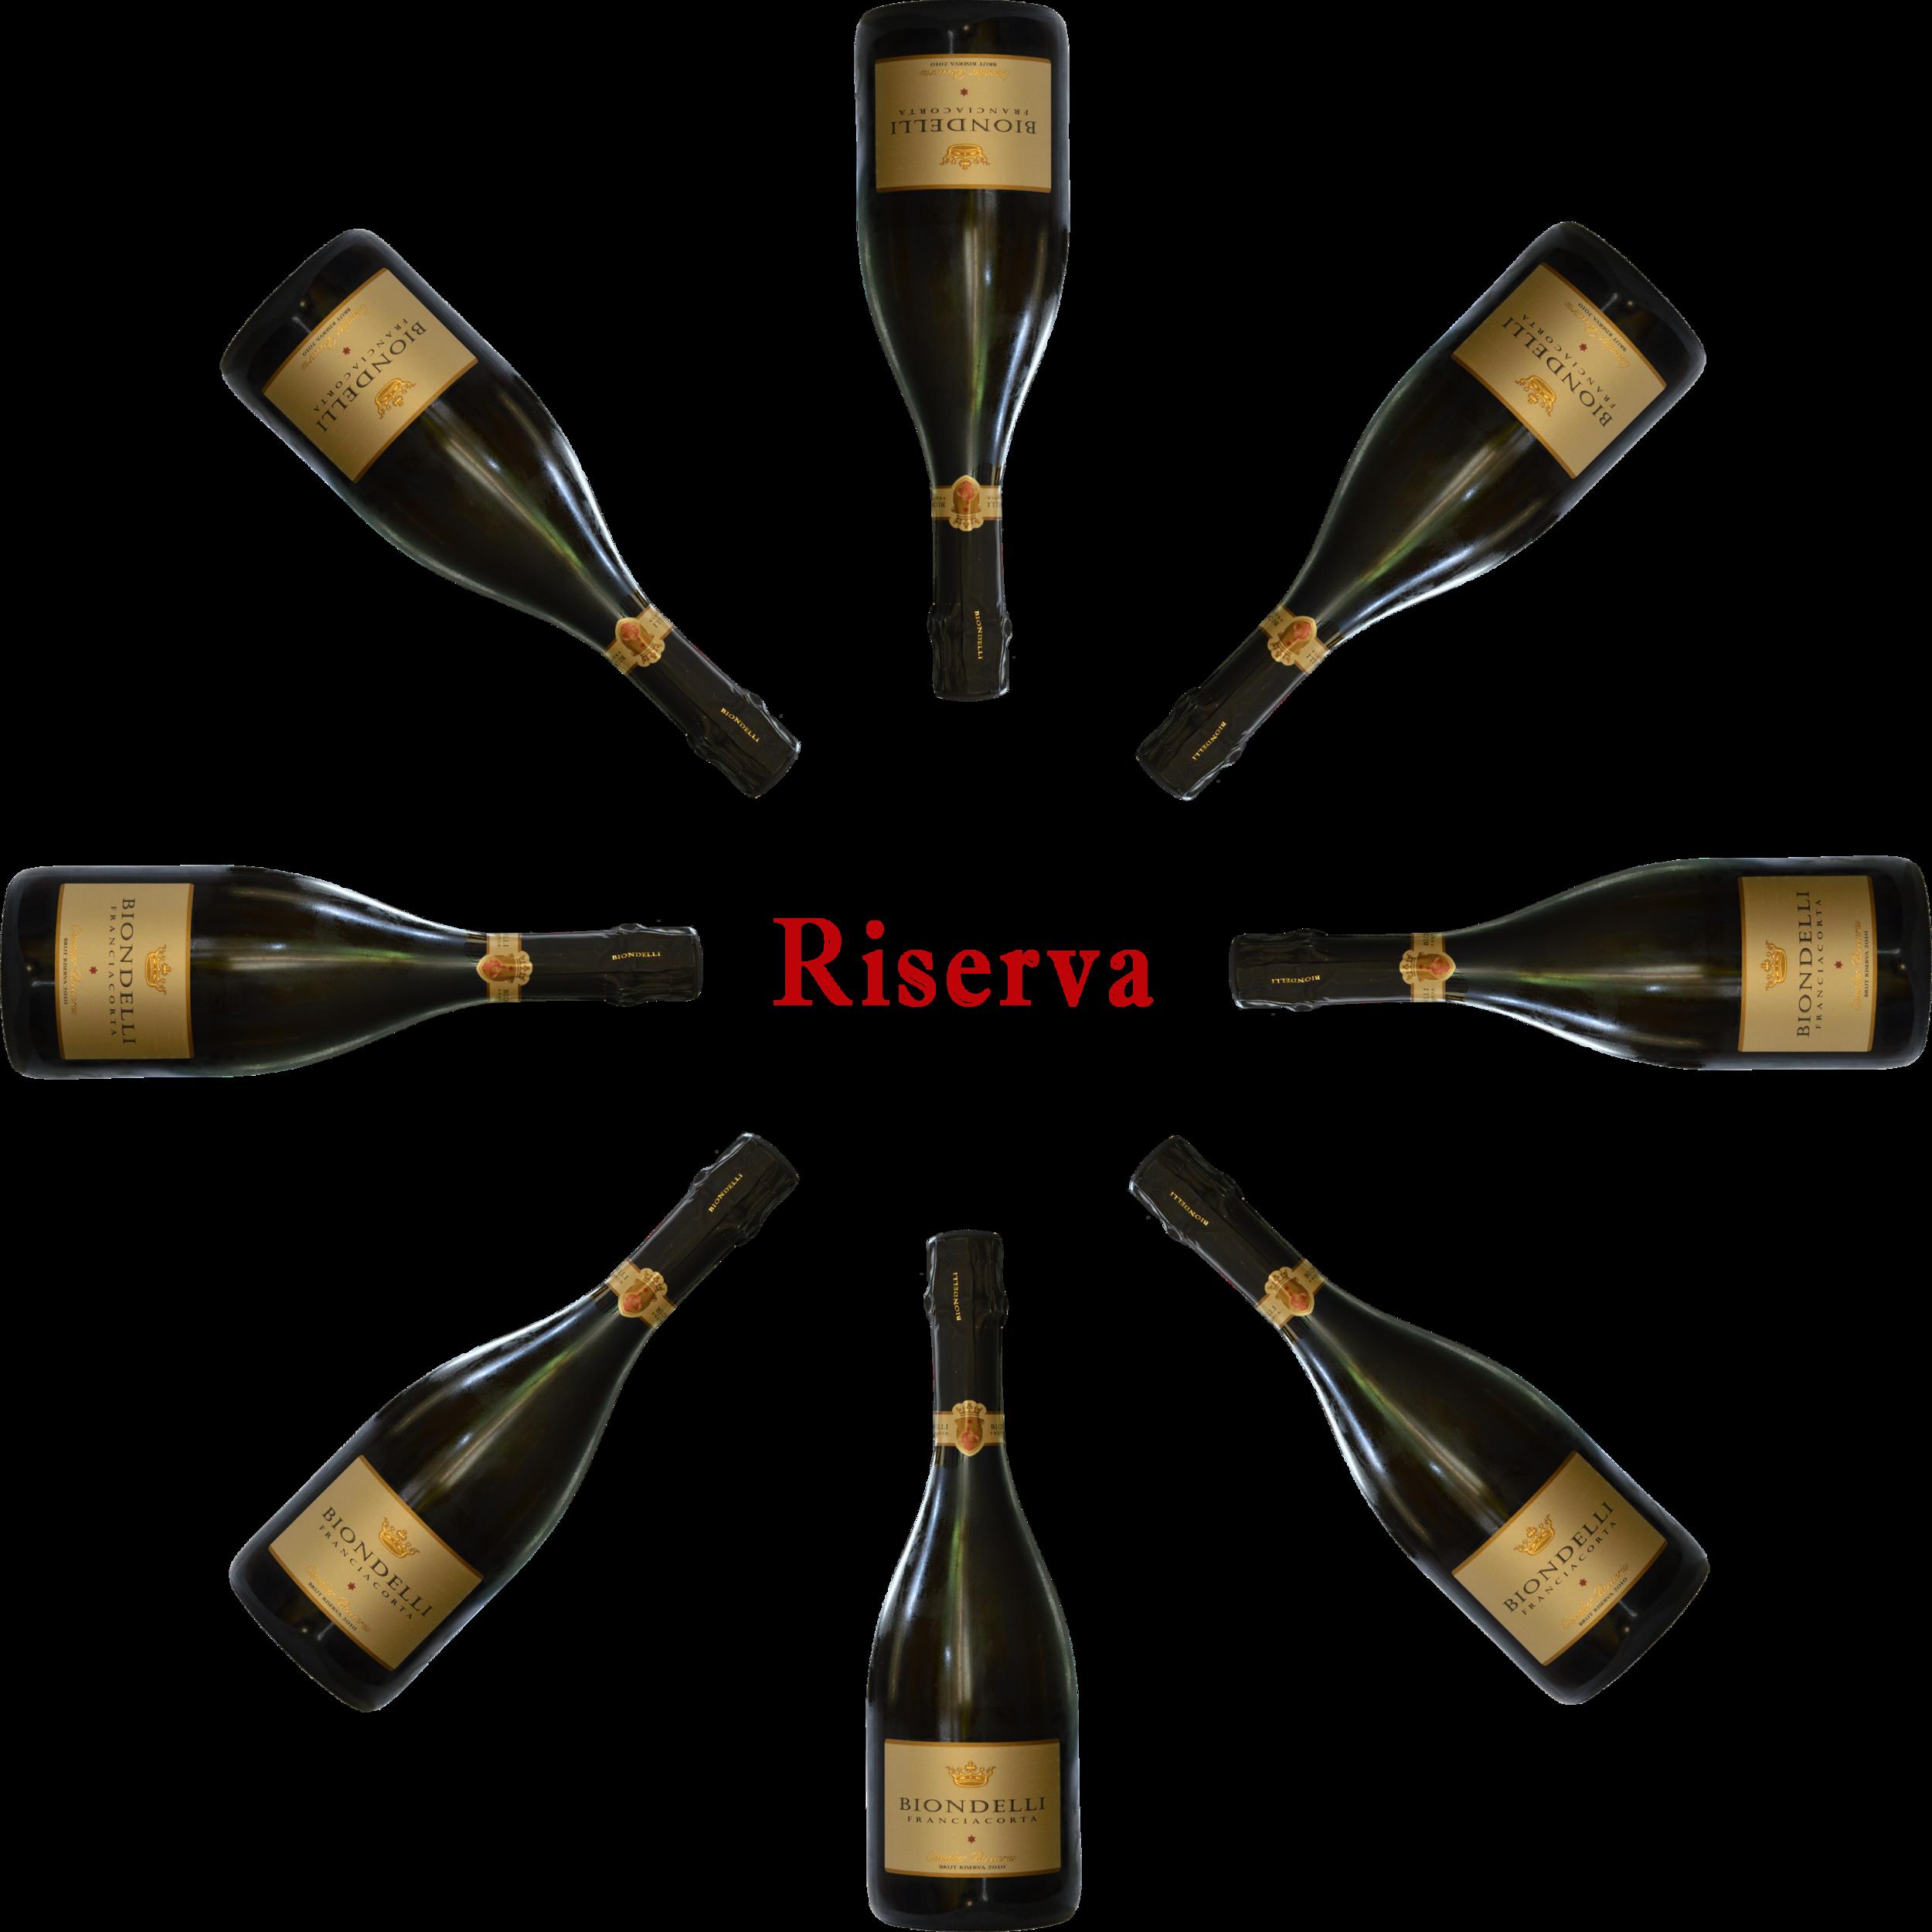 riserva stella bottiglie.png